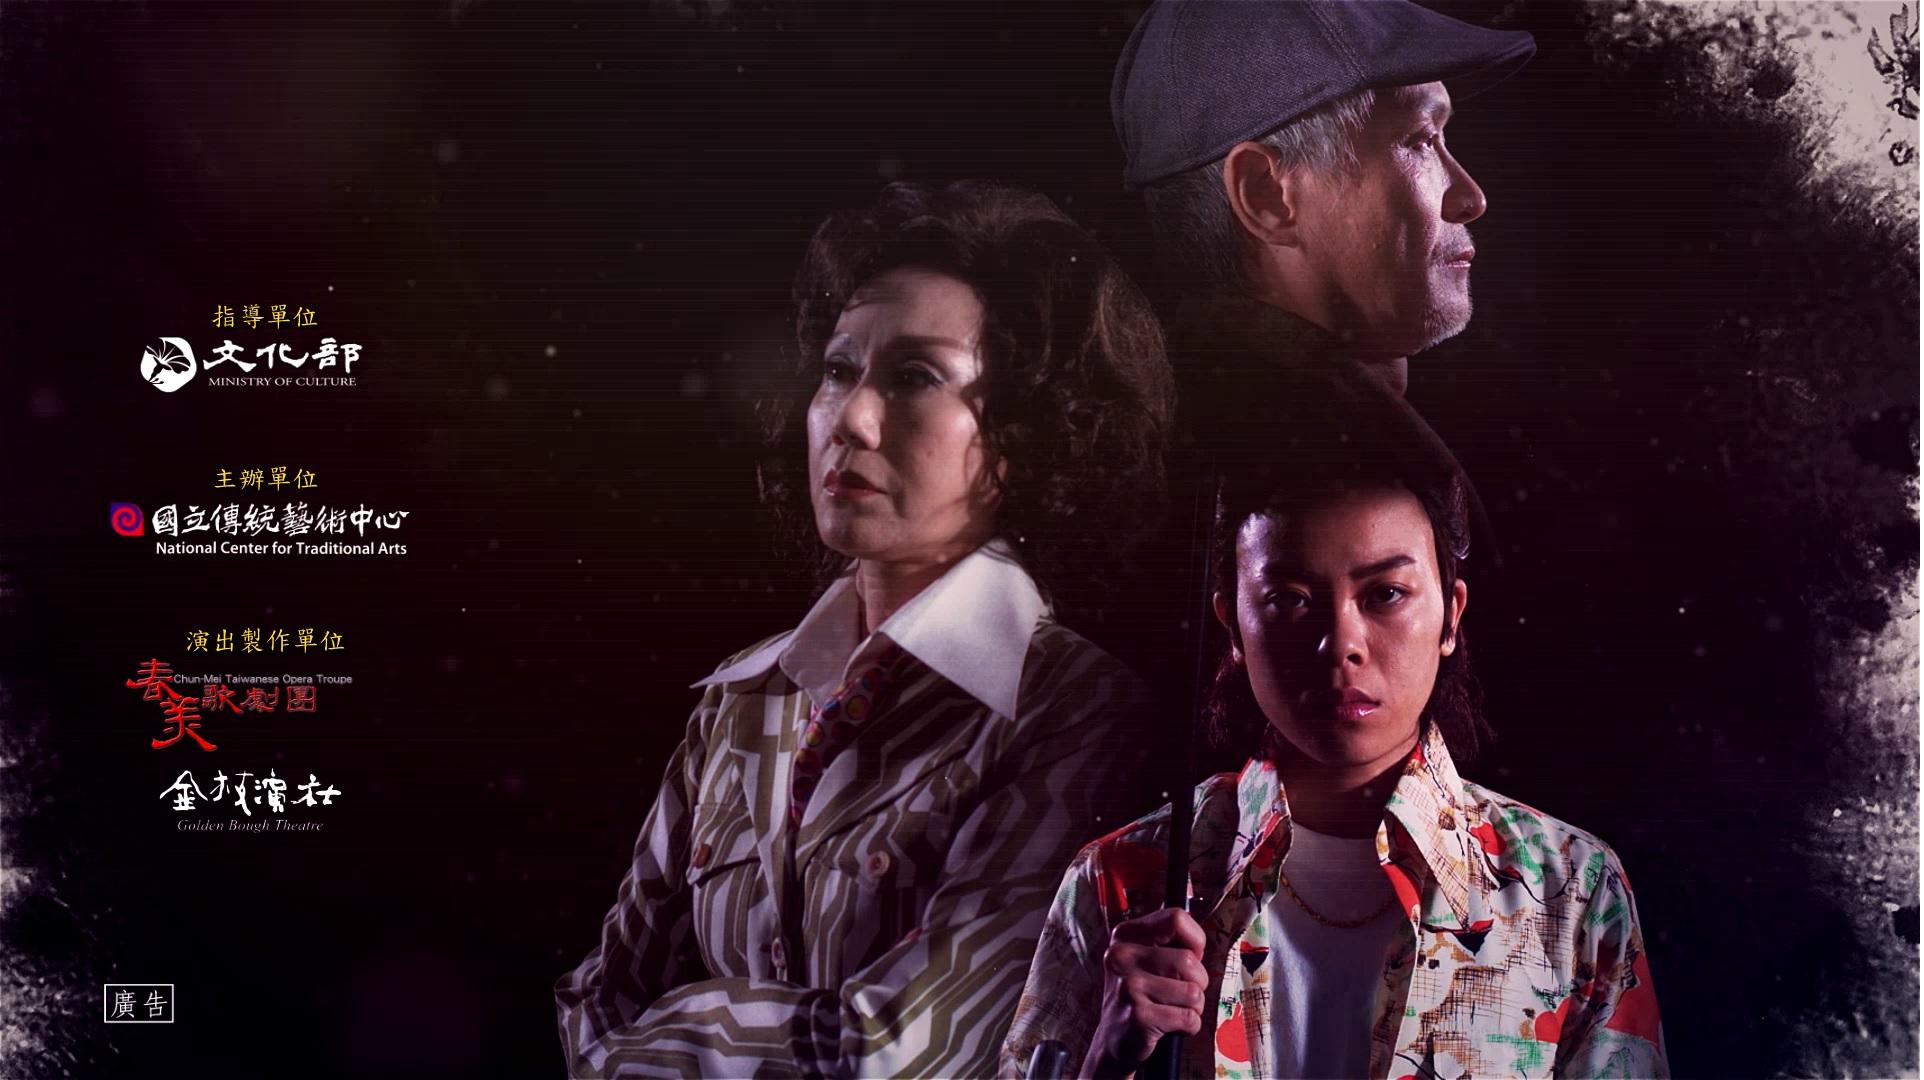 旗艦製作《雨中戲臺》|202021臺灣戲曲藝術節